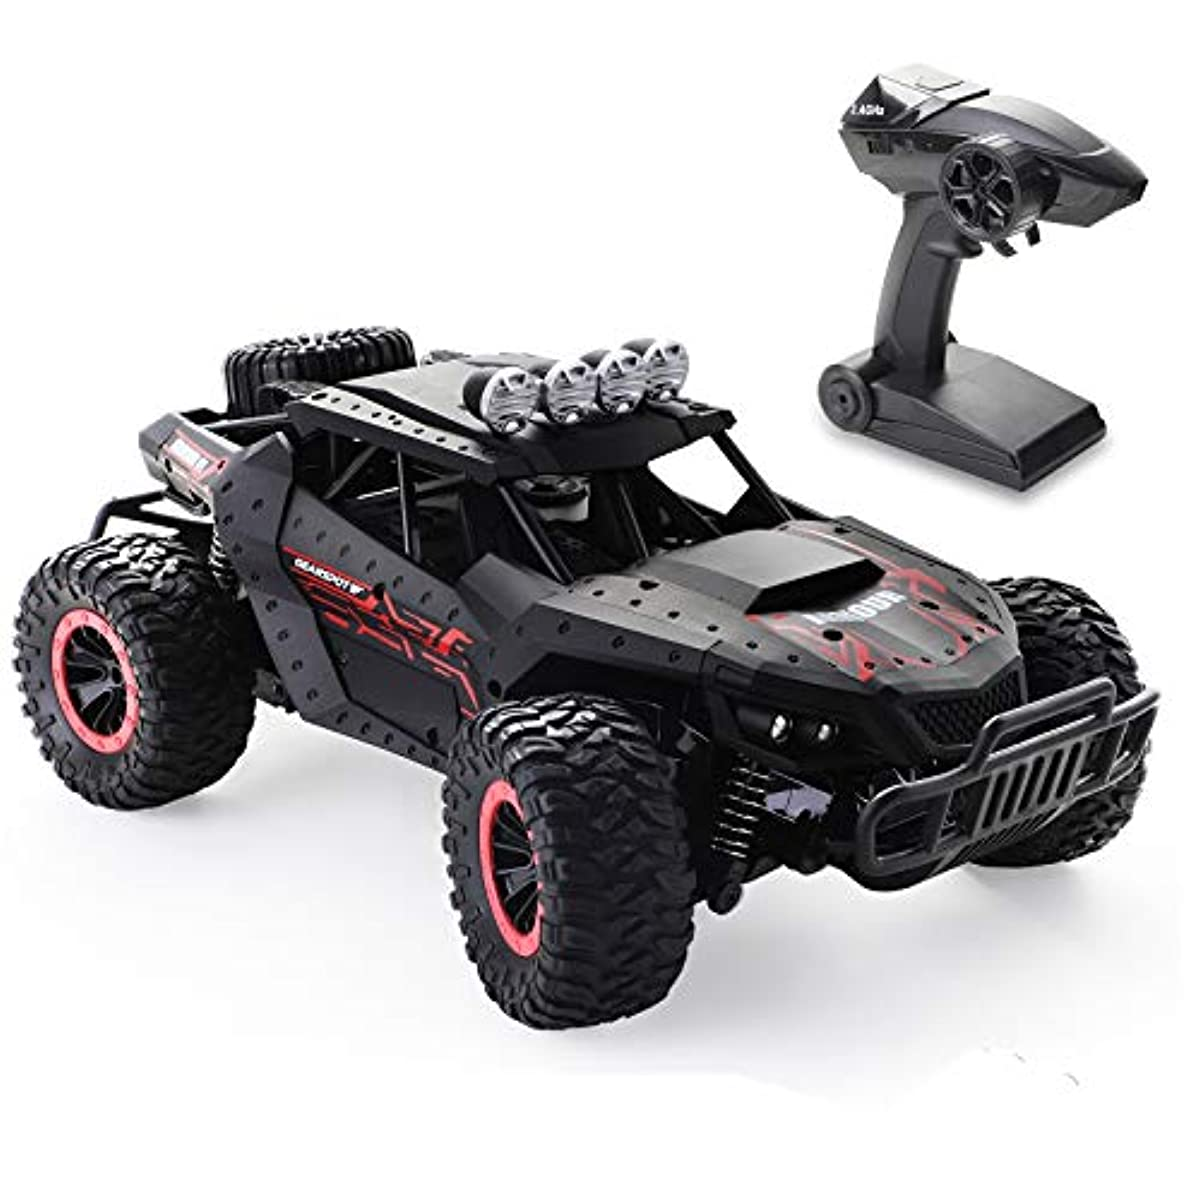 [해외] TECH RC 라디오 컨트롤 카 (어린)아이용 1/16 오프로드 전동RC카 퍼터고 넘어 발군 드리프트 2WD 리모콘 카 배터리2 개부착 35분건 달려라 2.4GHZ무선 조작 시속20KM/H 방진초심자용 블랙